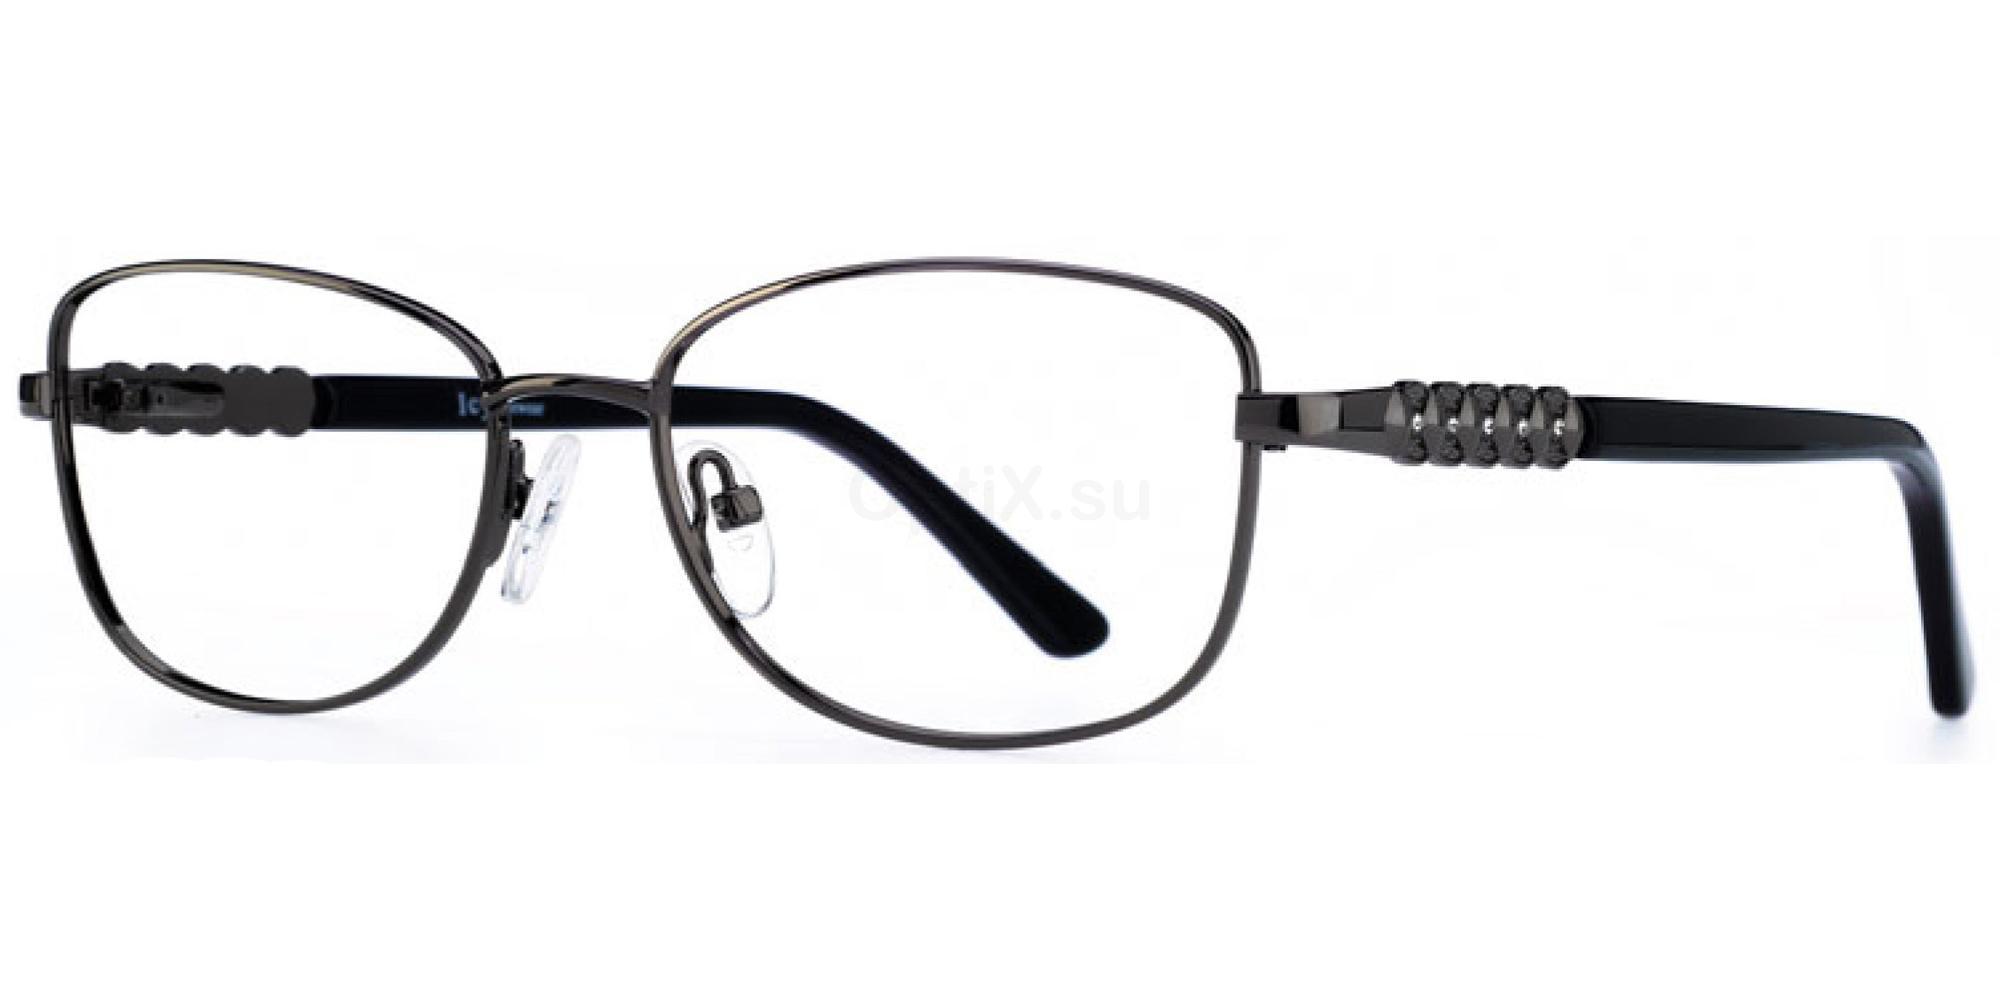 C1 Icy 769 , Icy Eyewear - Metals